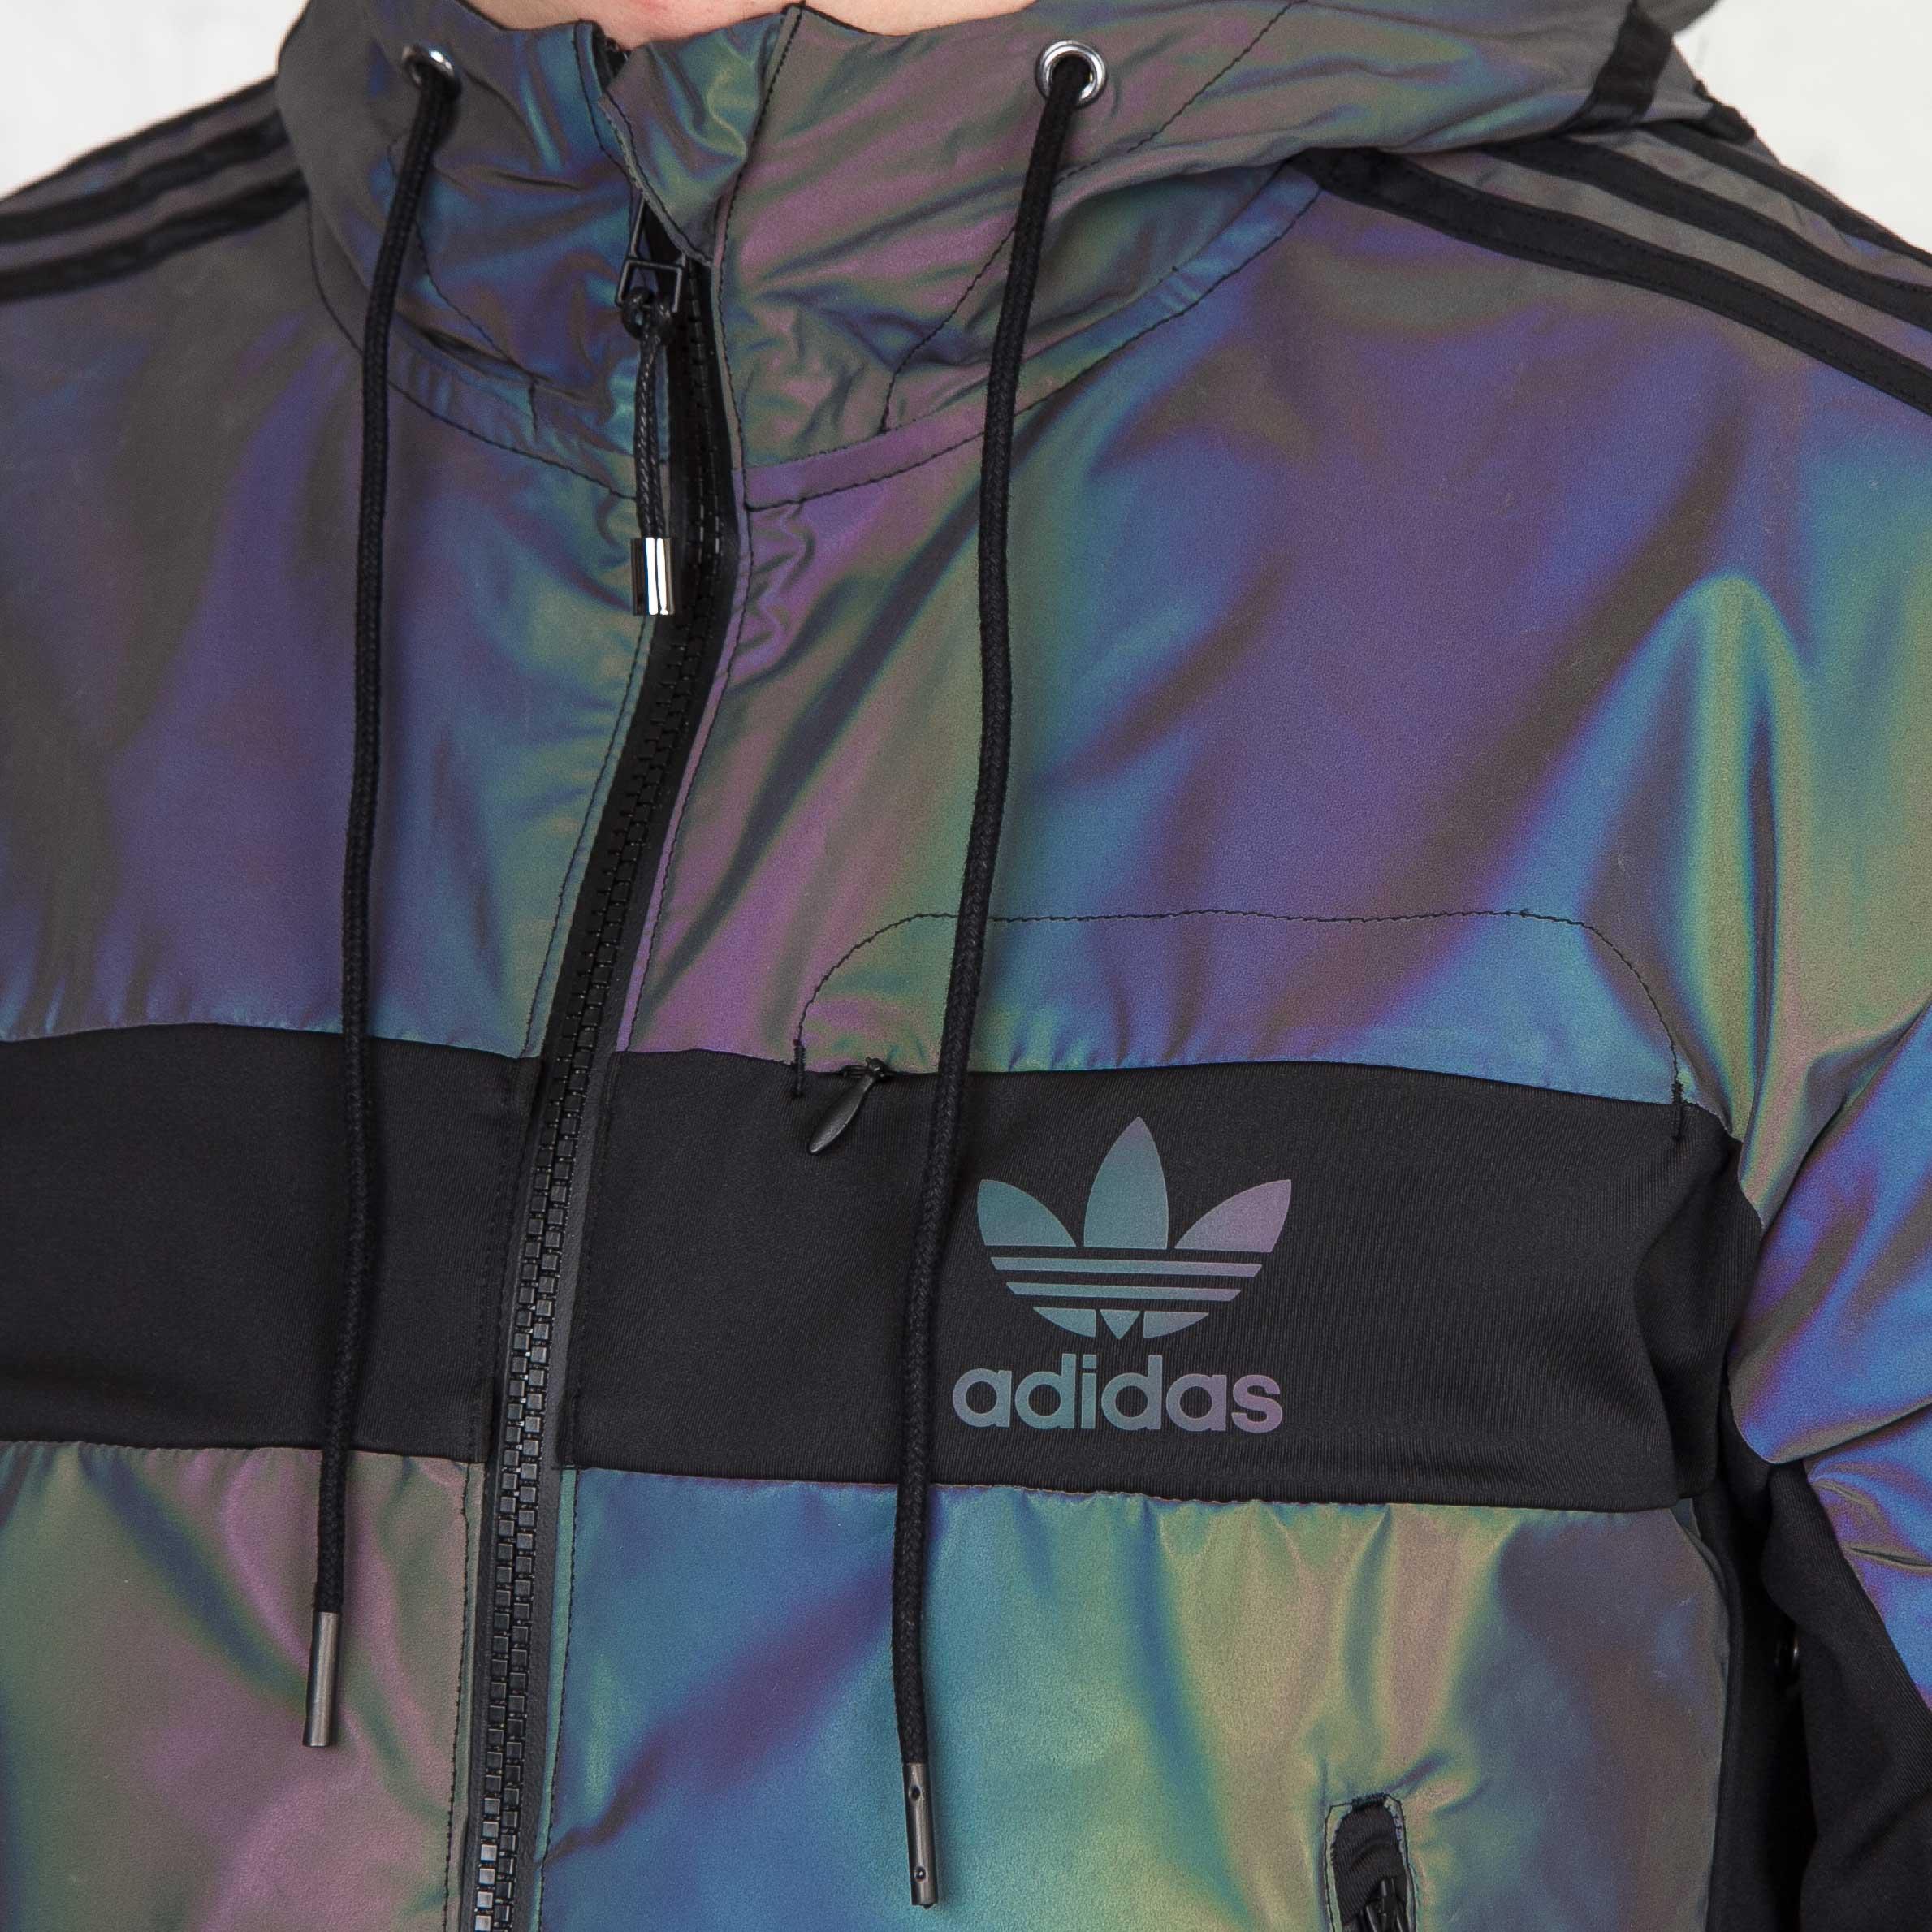 adidas originals xeno jacket